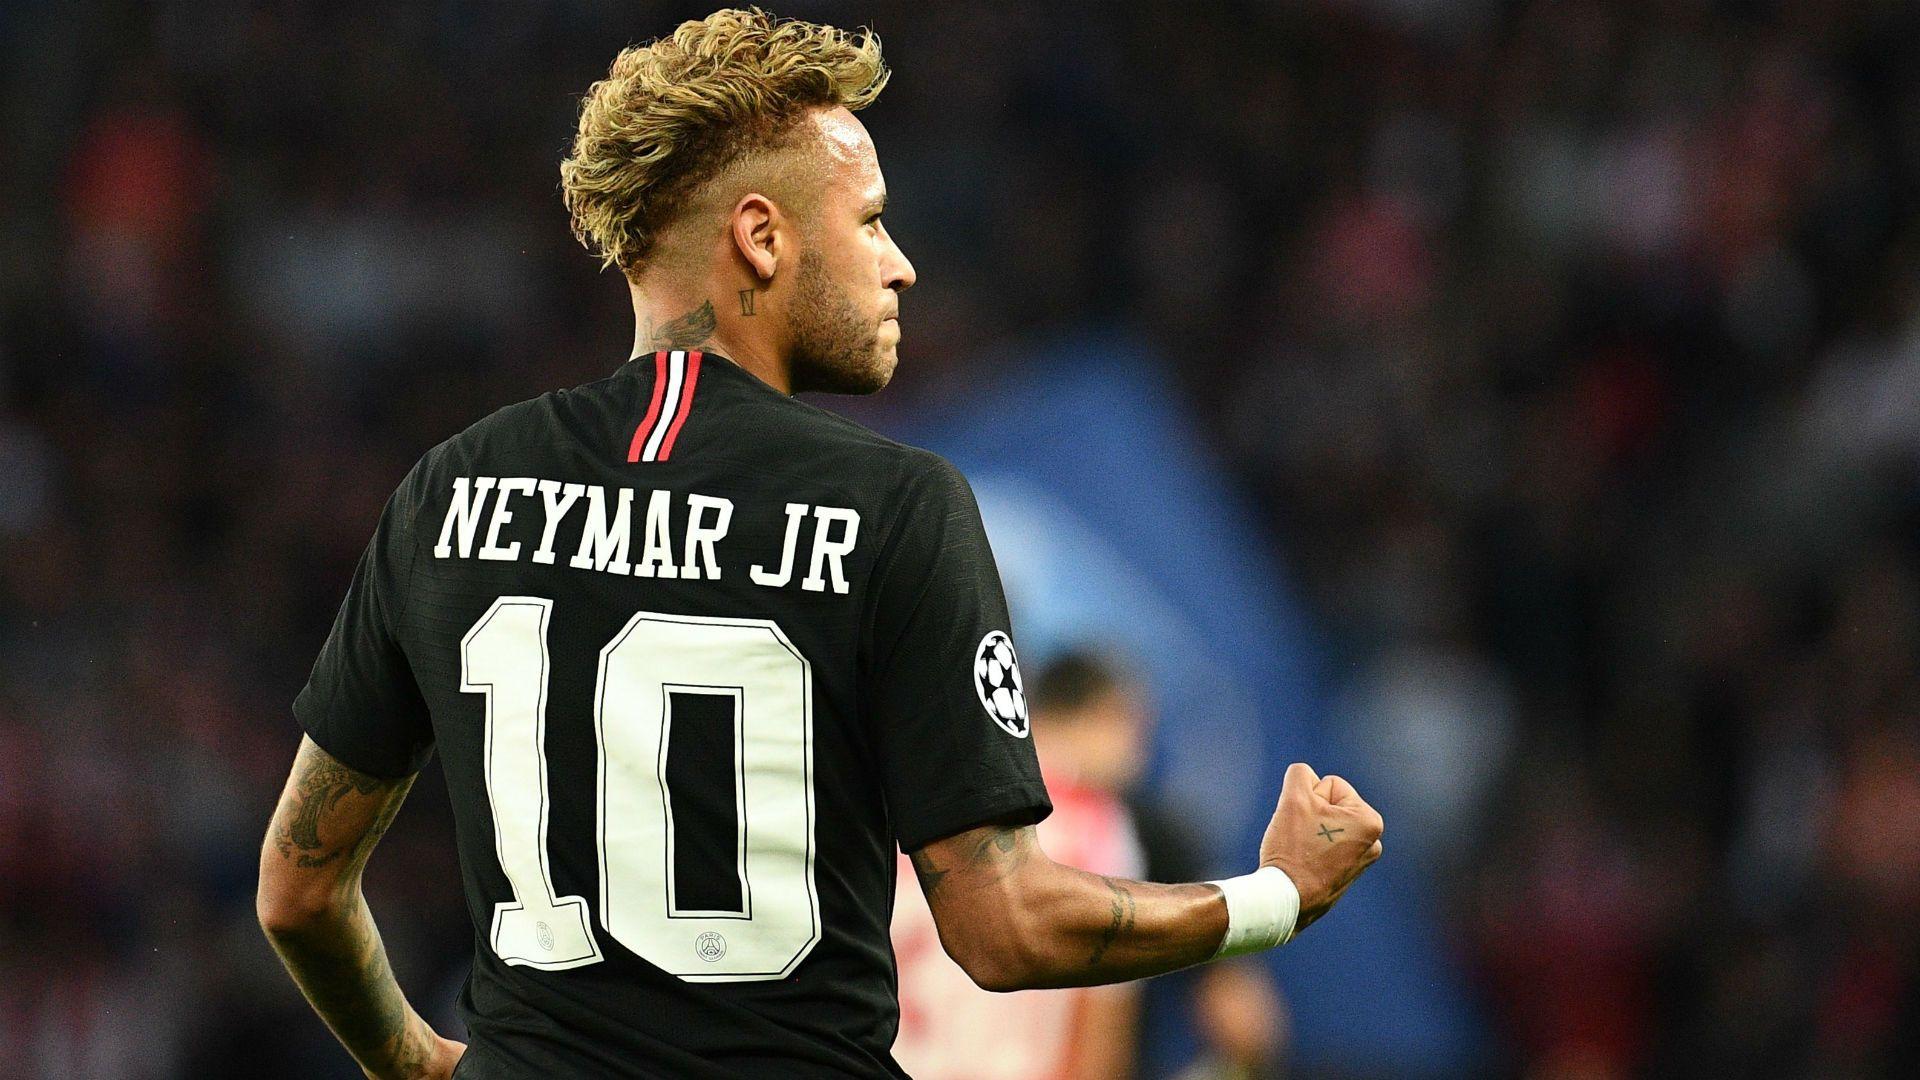 O Neymar perfeito adulto, leve, craque e decisivo